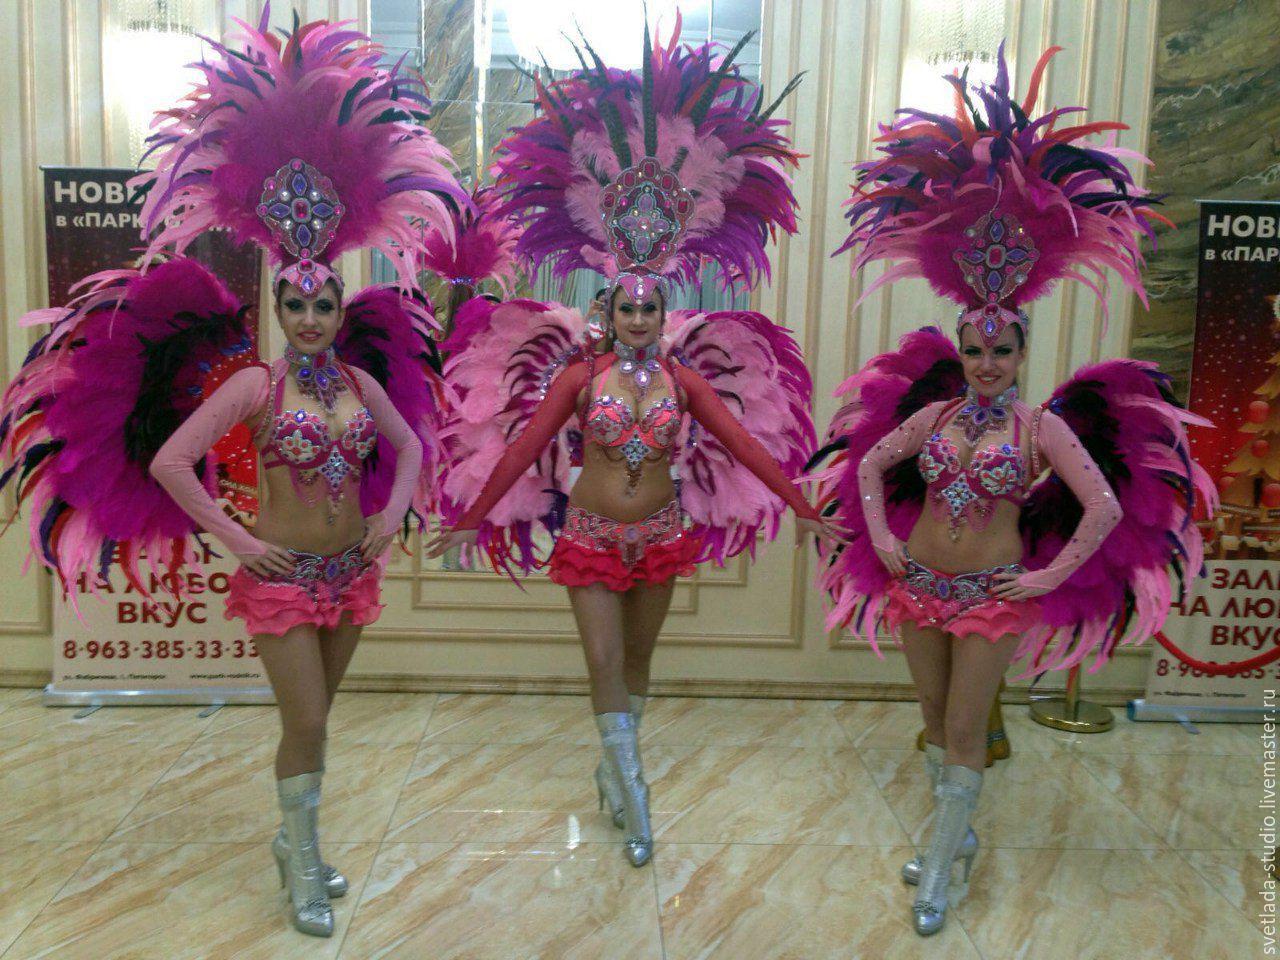 Бразильские карнавальные костюмы своими руками фото 73